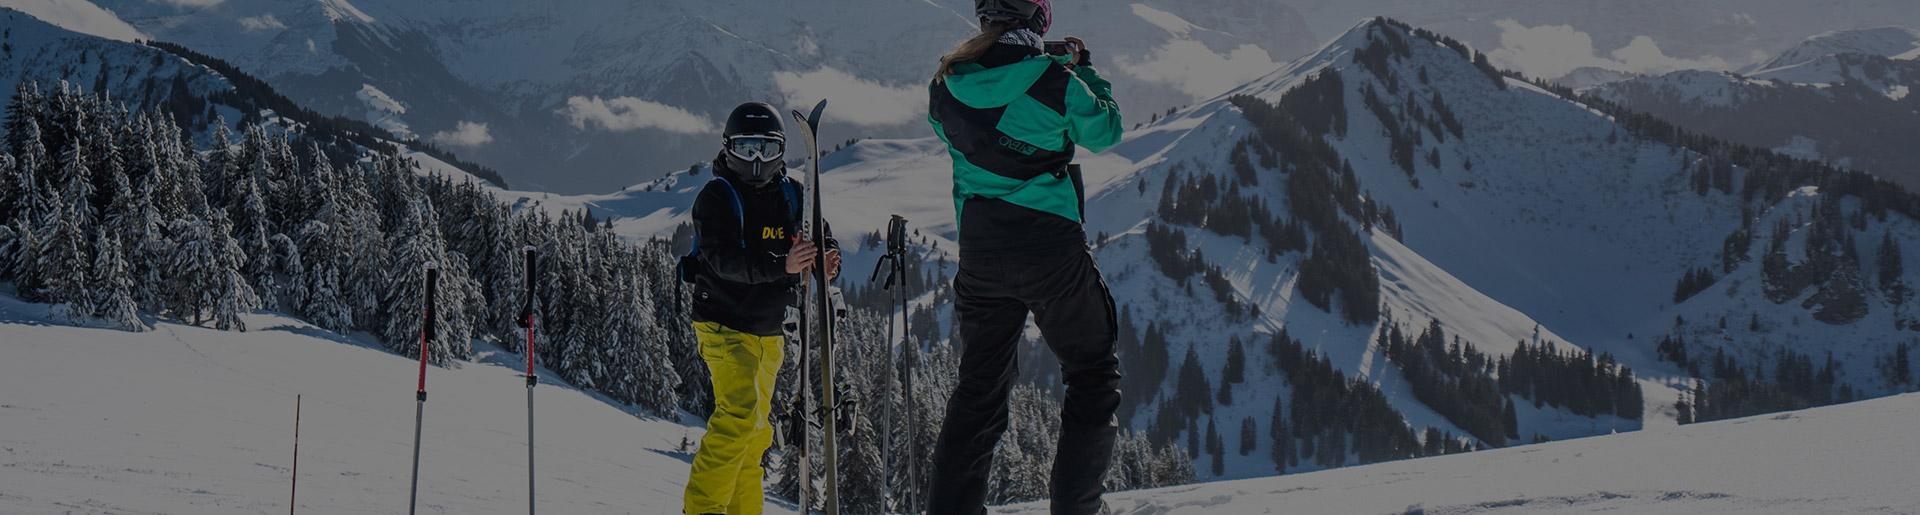 Happy to ski in Chatel resort